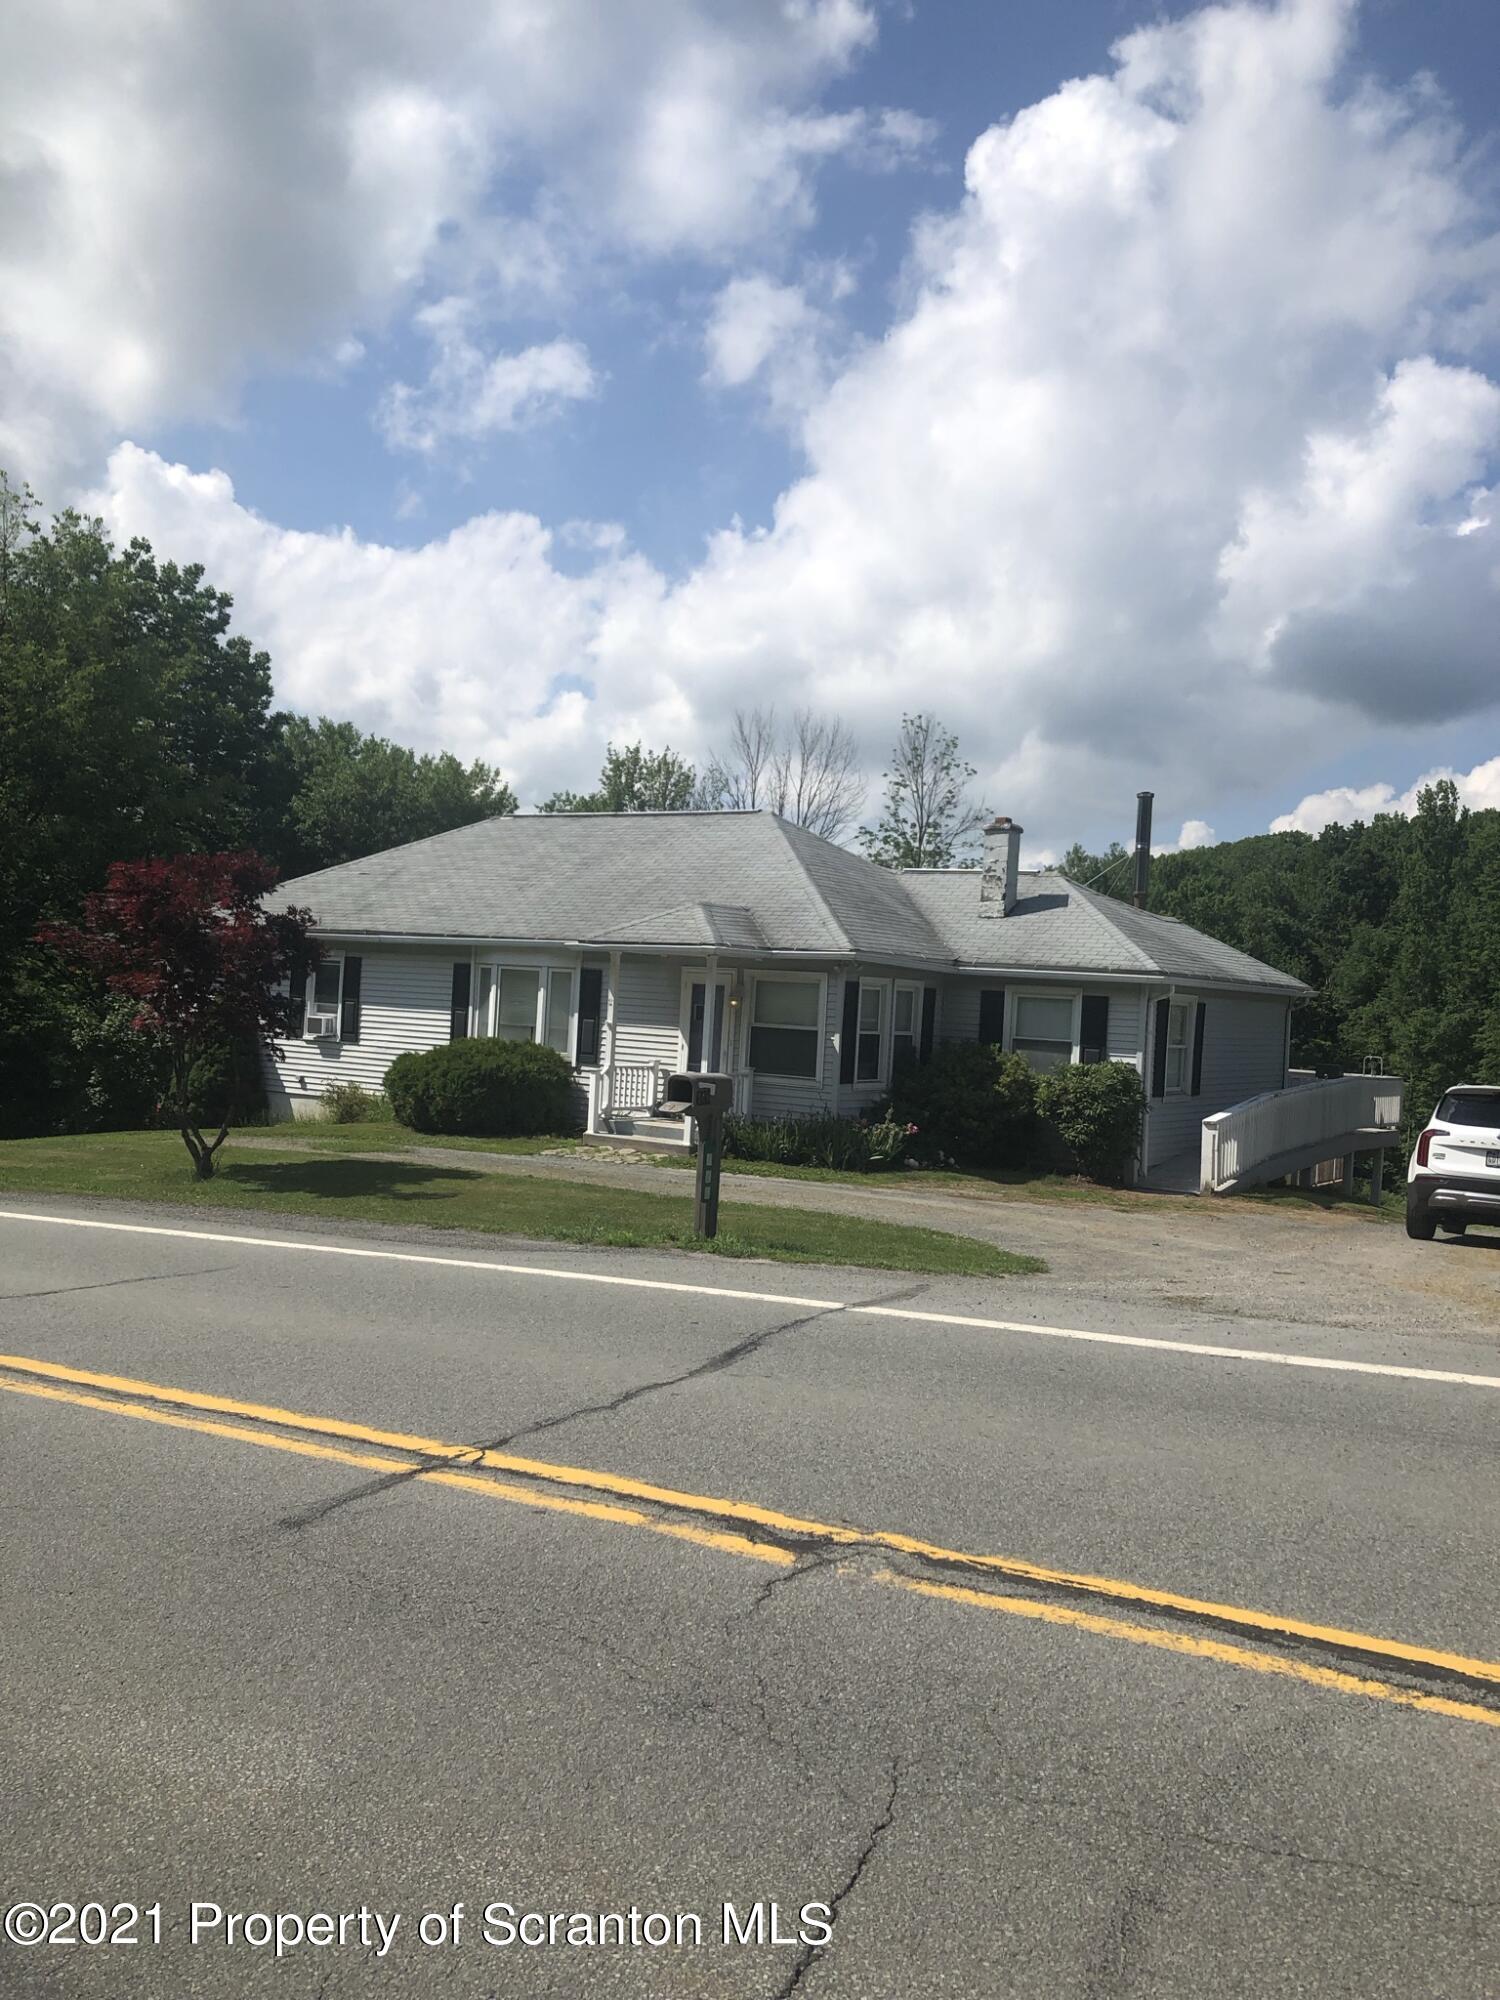 568 Lakeland Drive, Scott Twp, Pennsylvania 18447, 2 Bedrooms Bedrooms, 9 Rooms Rooms,2 BathroomsBathrooms,Single Family,For Sale,Lakeland Drive,21-2439